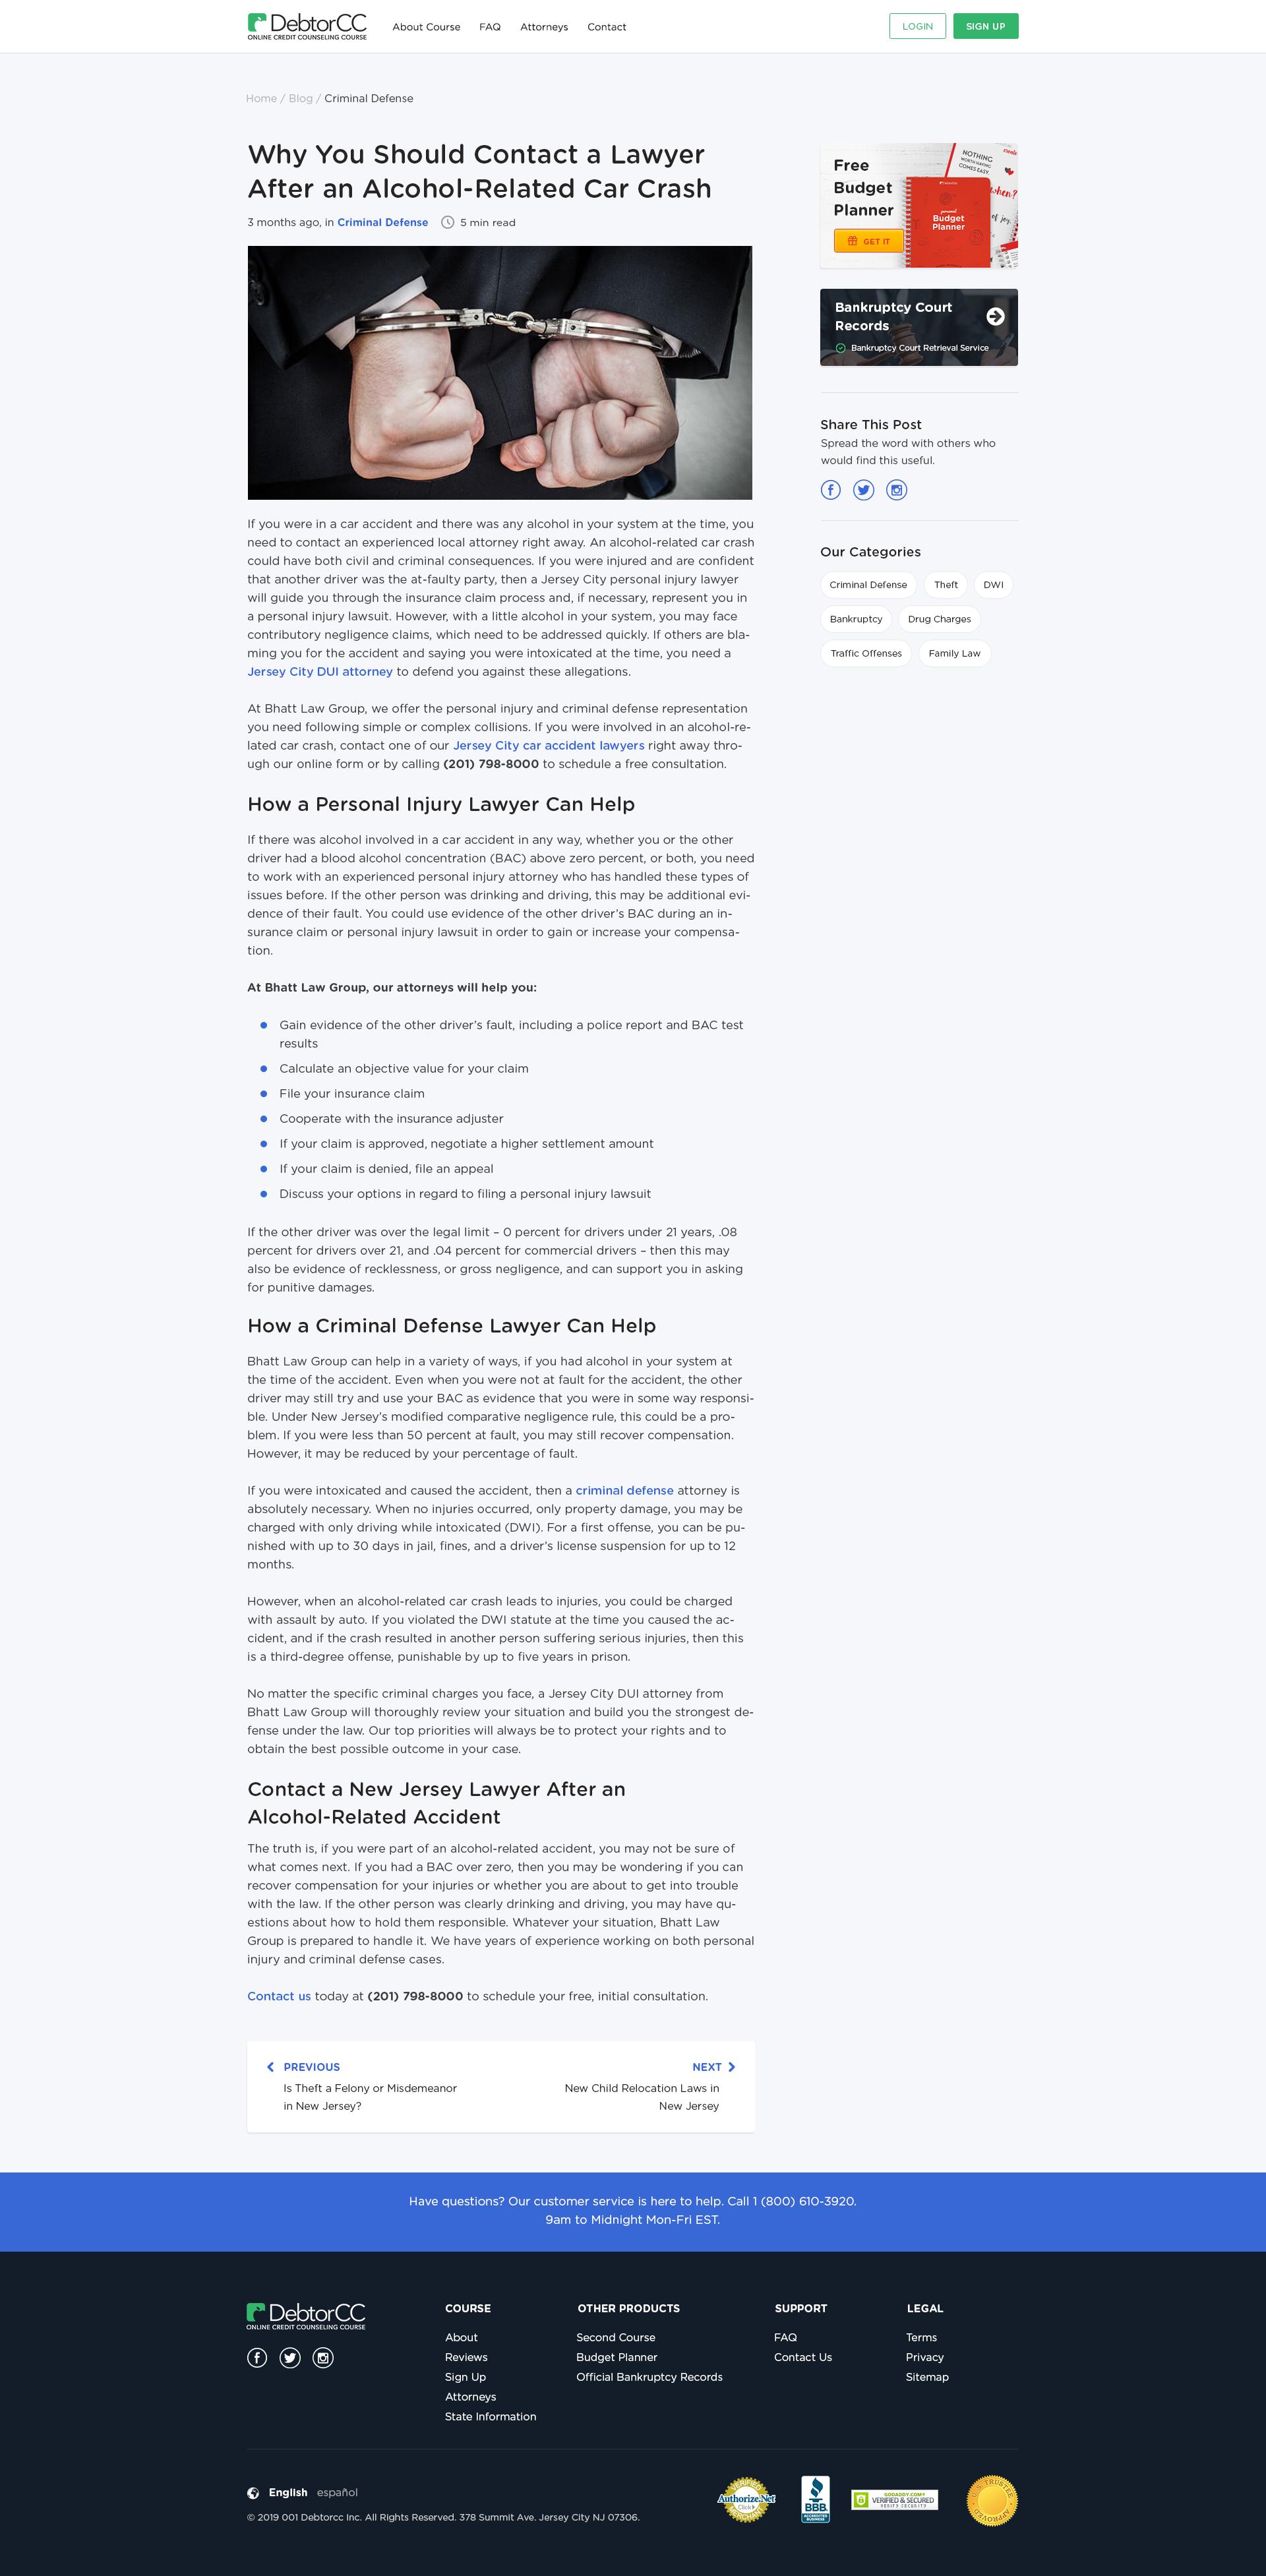 Blog pages for DebtorCC/DebtorEdu